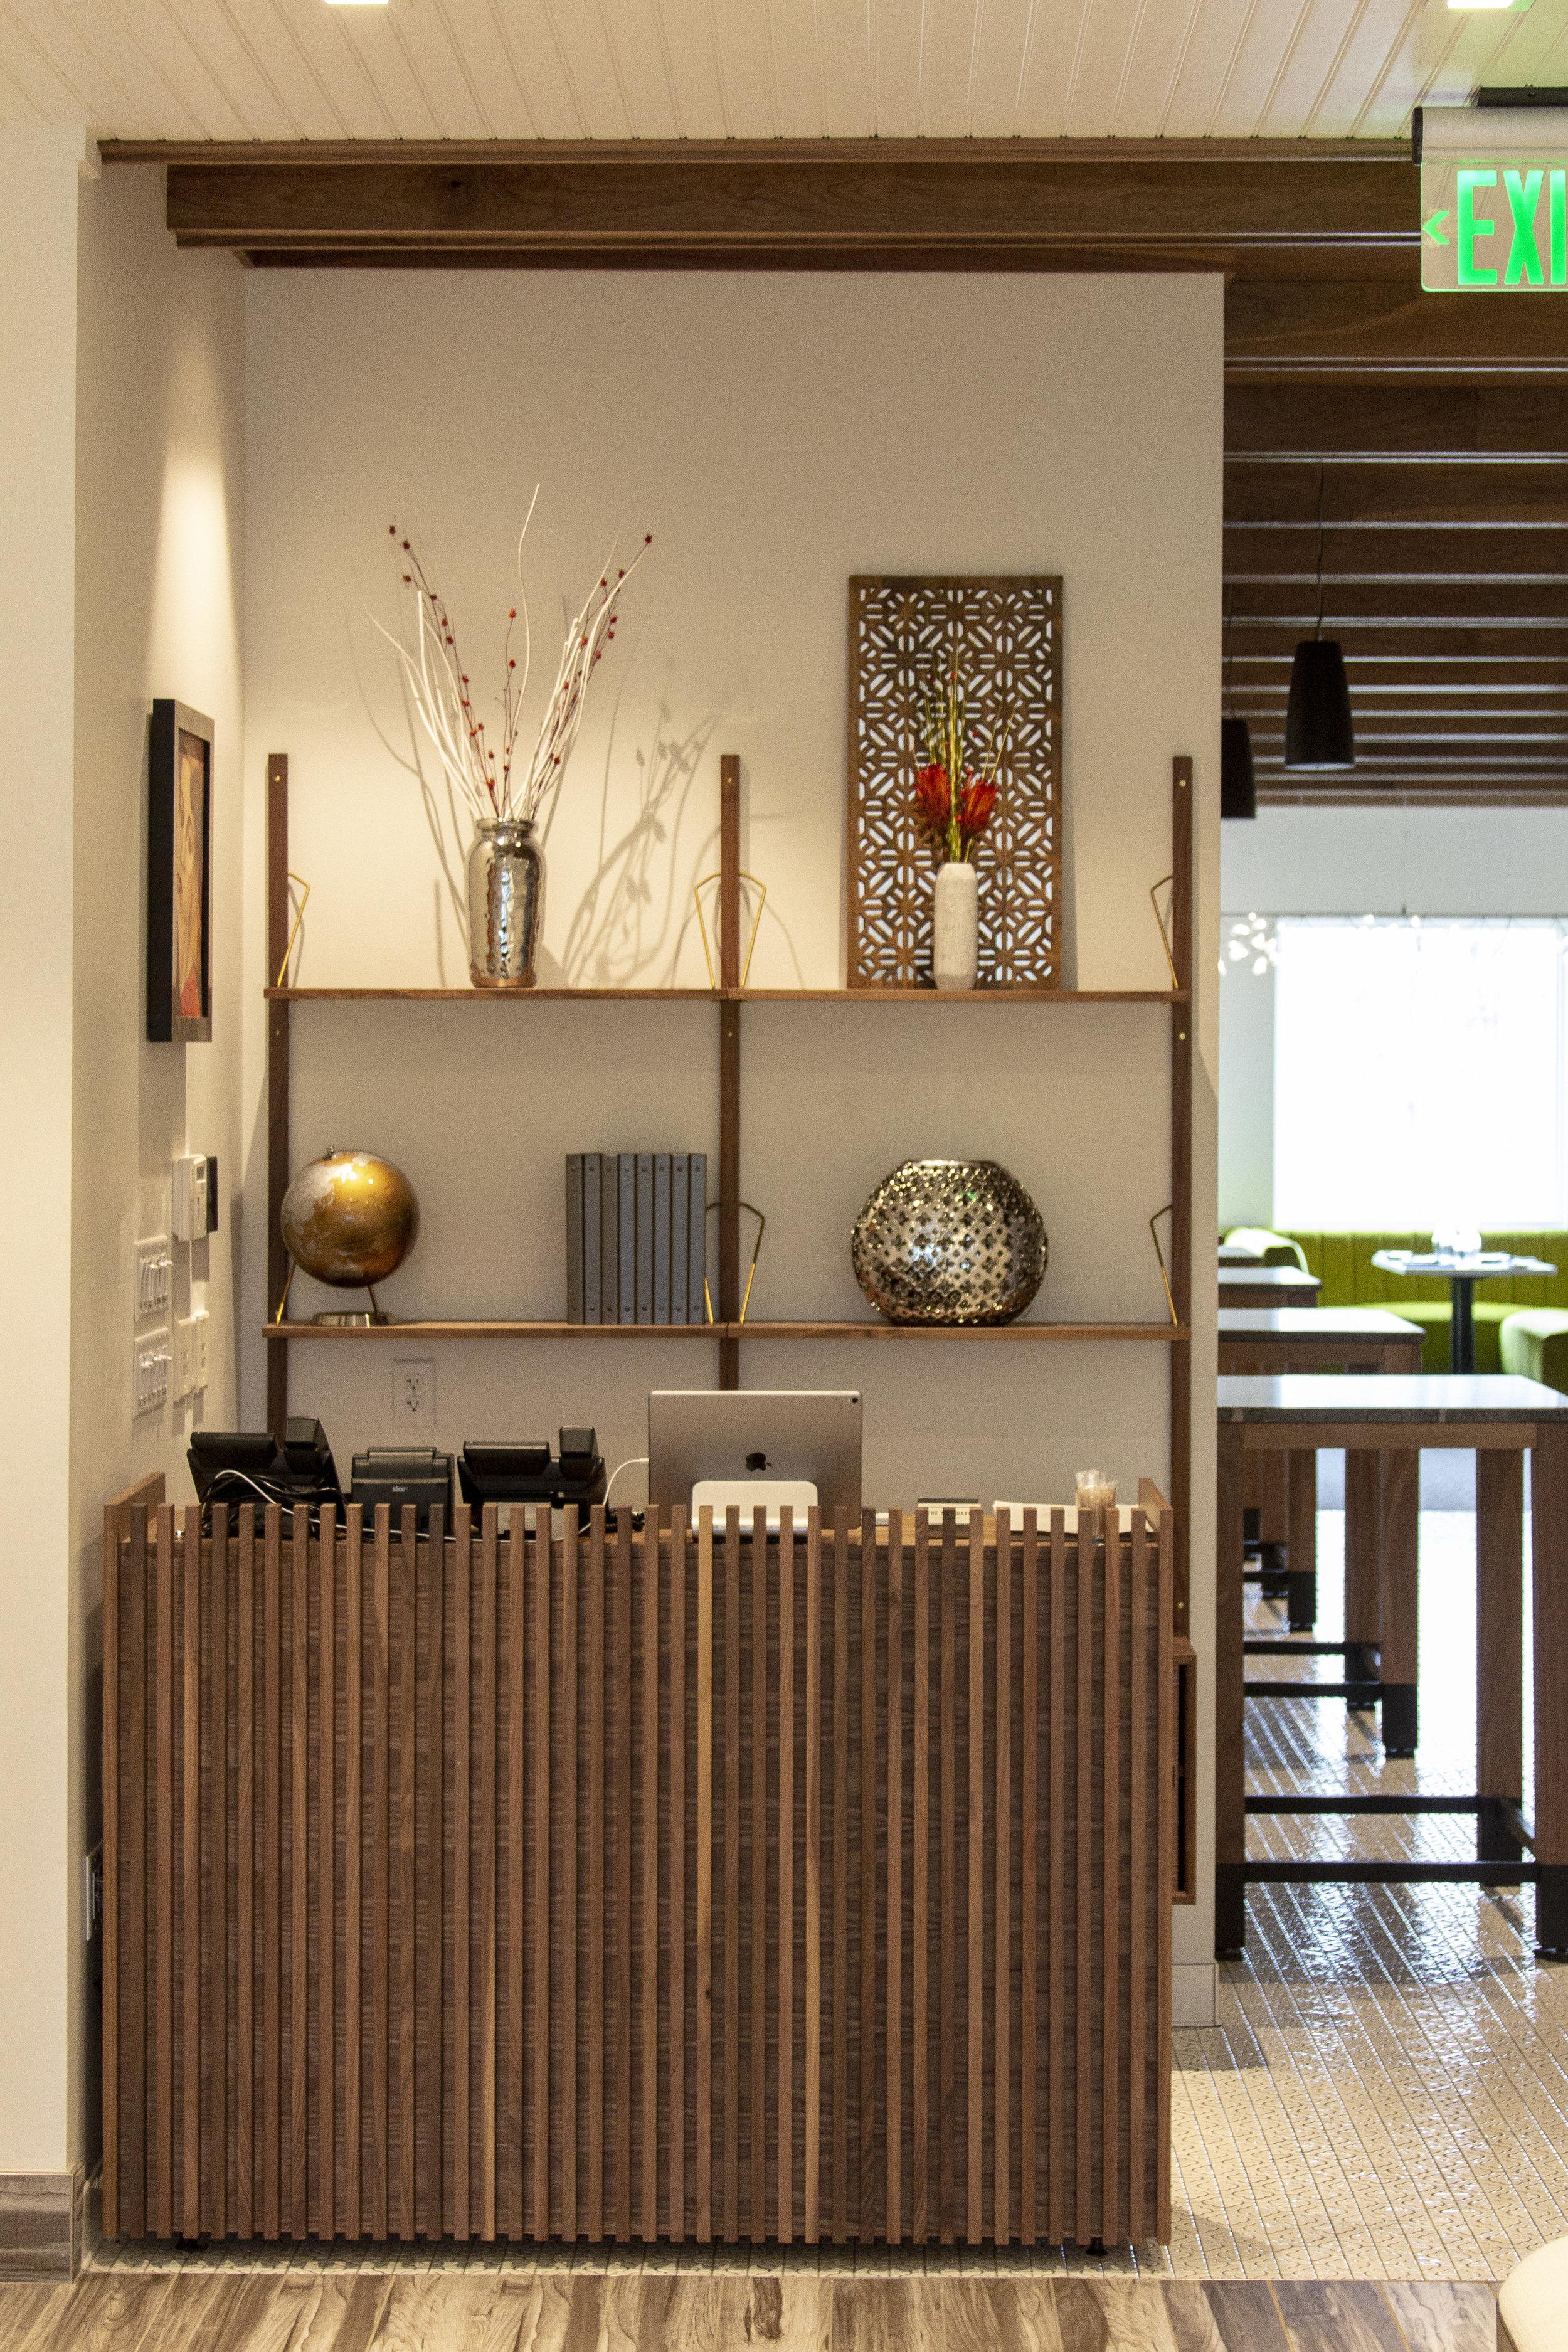 The Standard Bistro & Larder by Synecdoche Design Studio